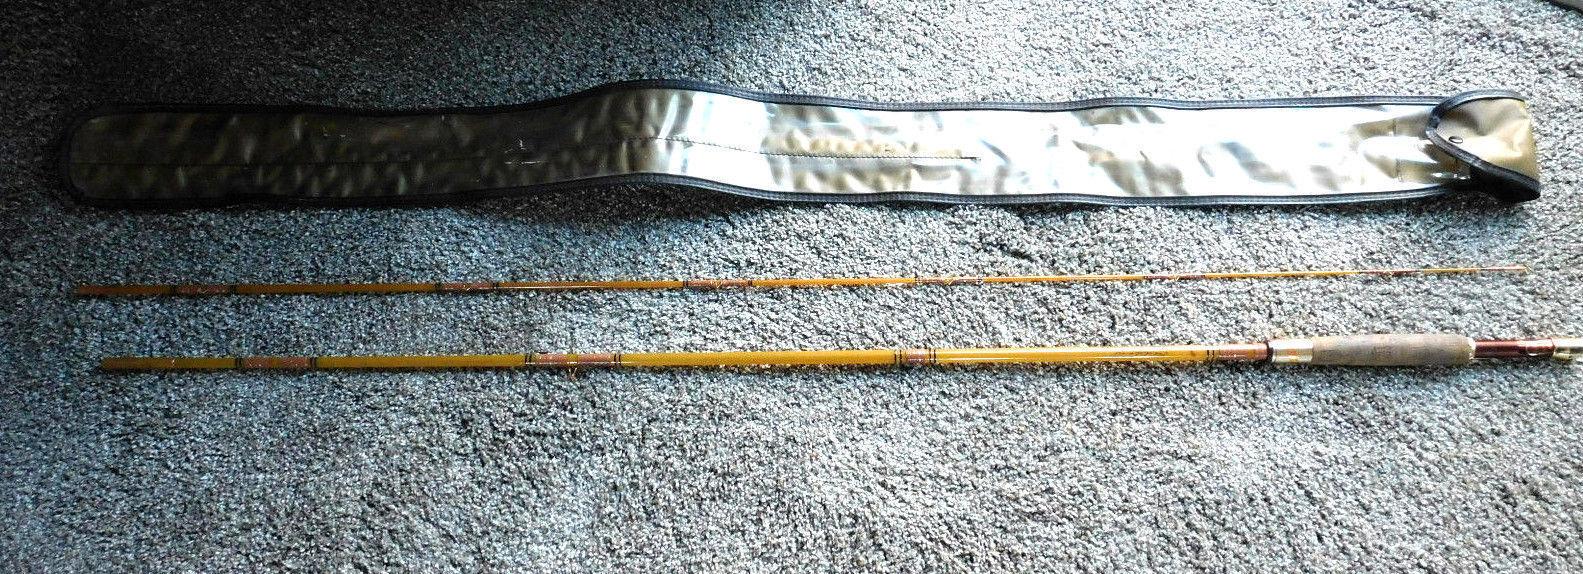 Condición de menta Heddon marca Dorado 50  8547 8' 6  2-pieza de fibra de vidrio volar Rod & CAS